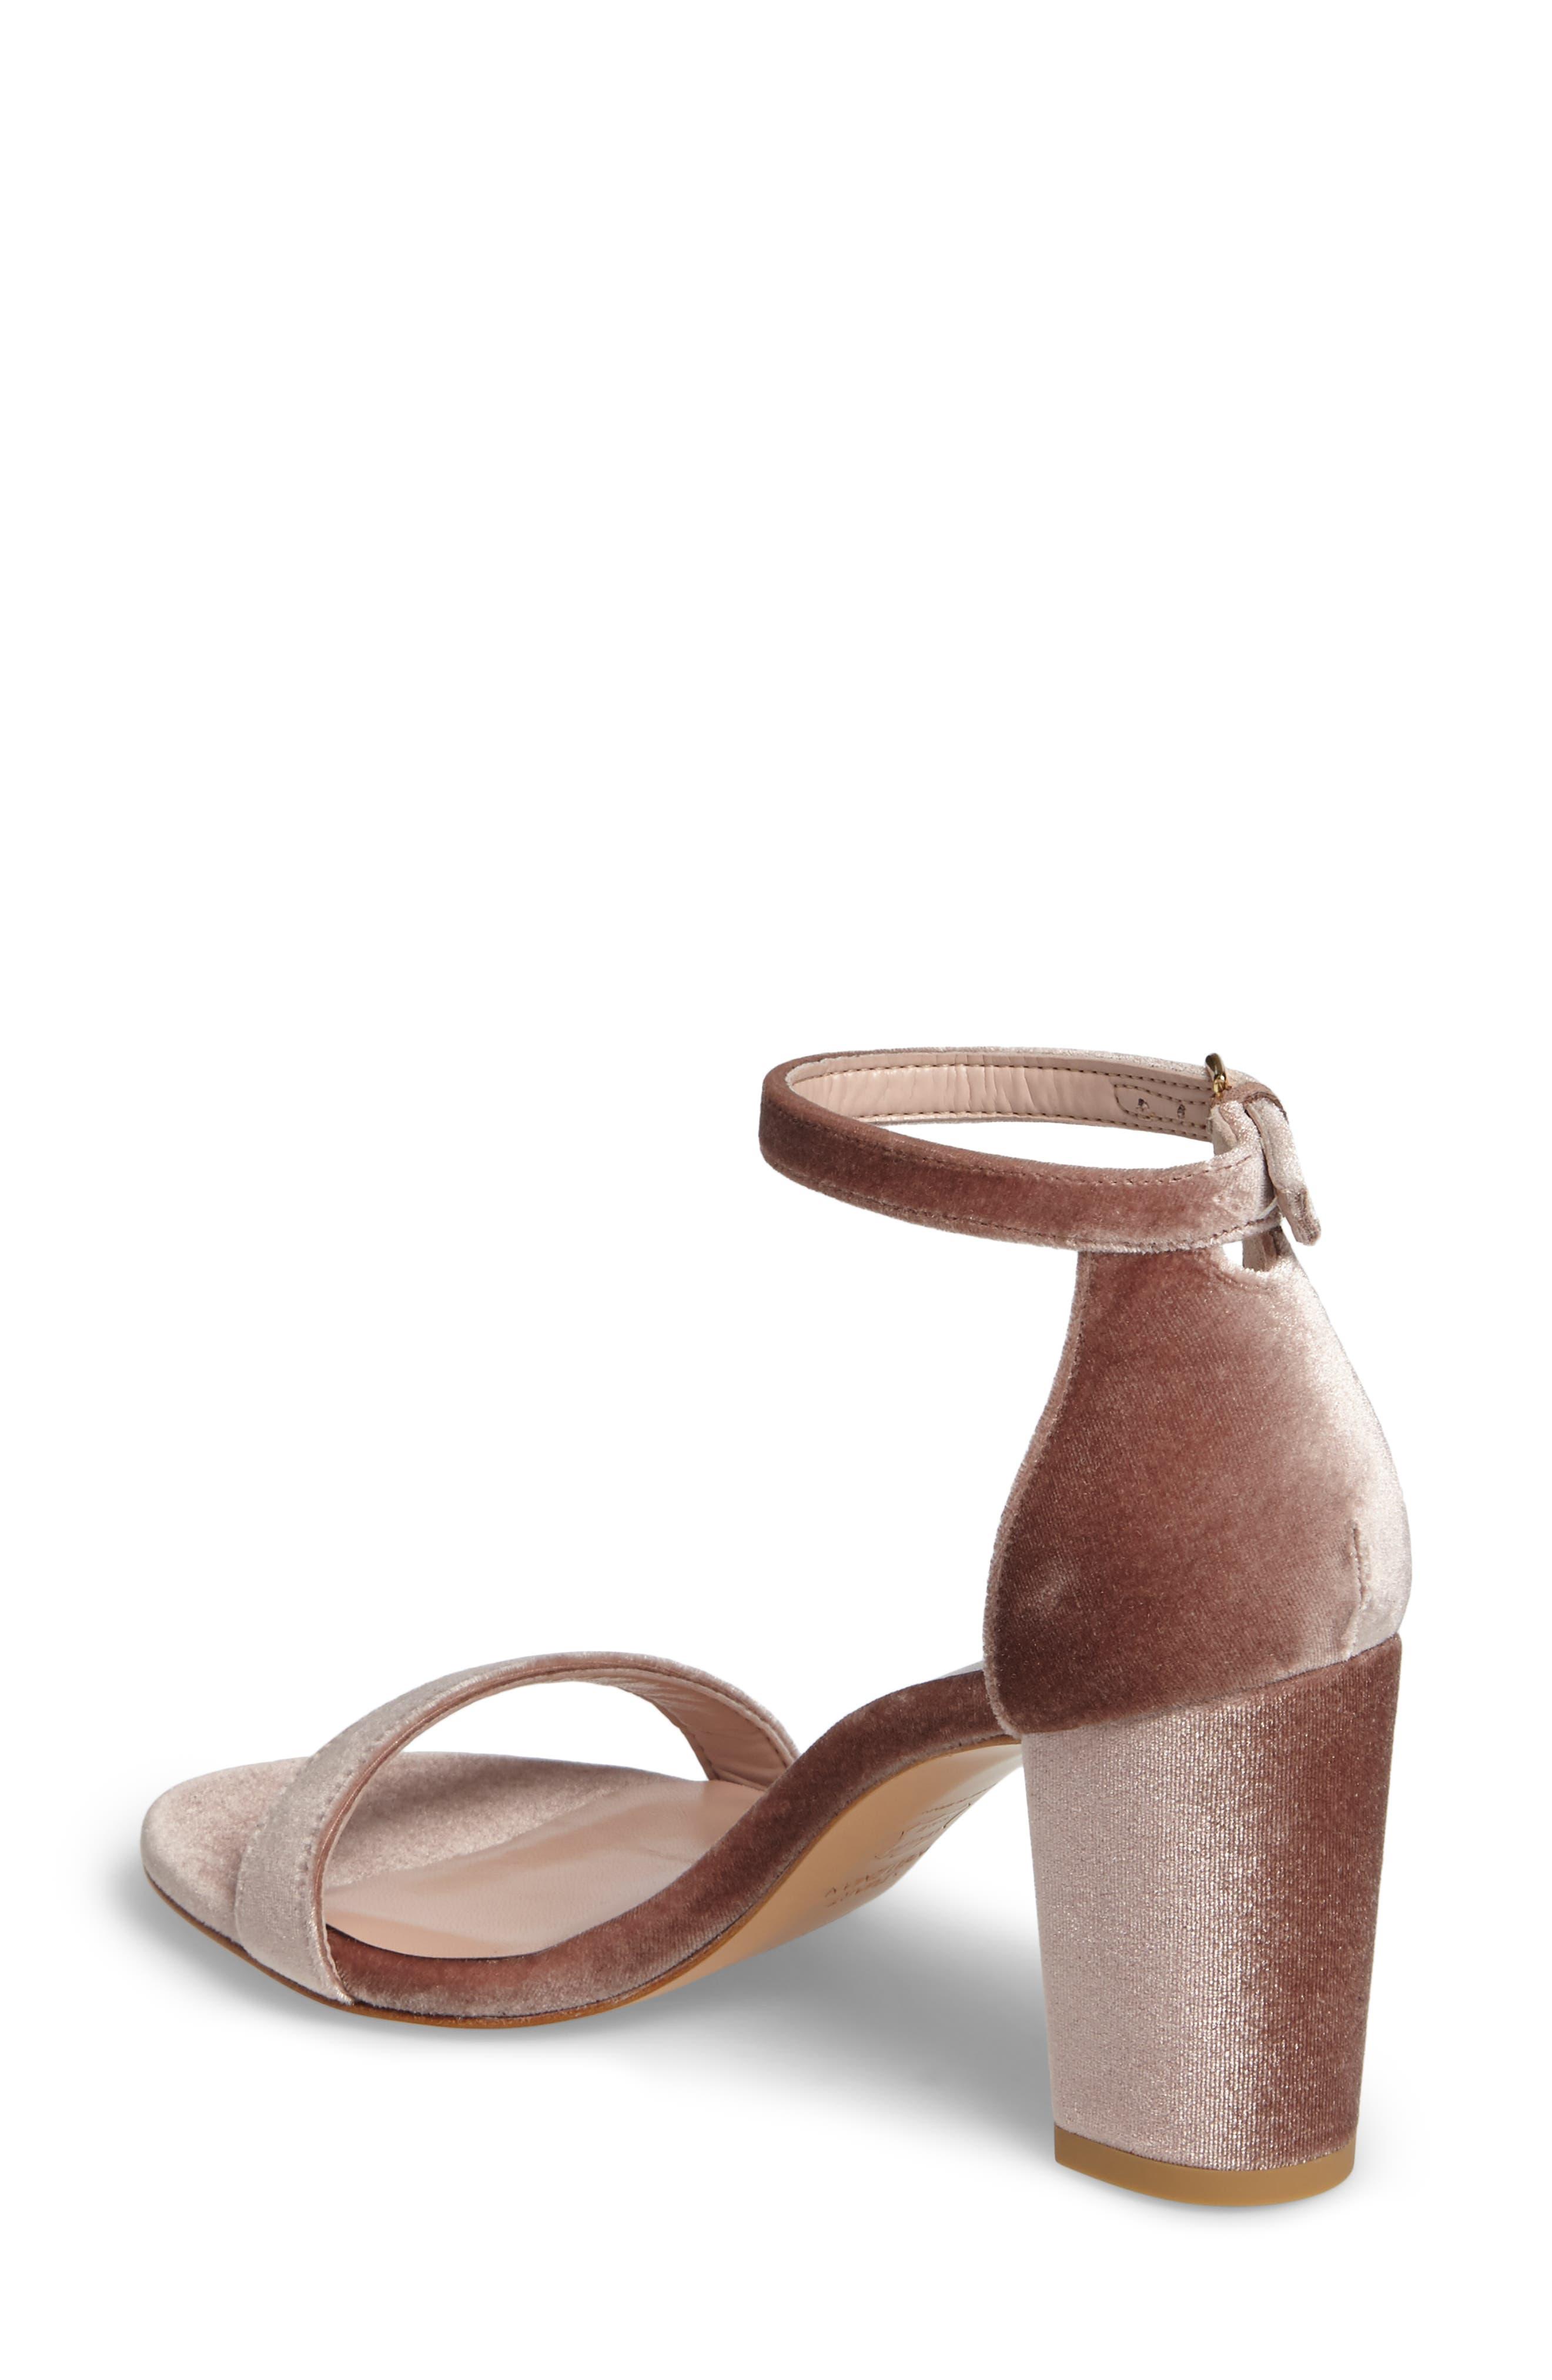 NearlyNude Ankle Strap Sandal,                             Alternate thumbnail 2, color,                             Candy Velvet